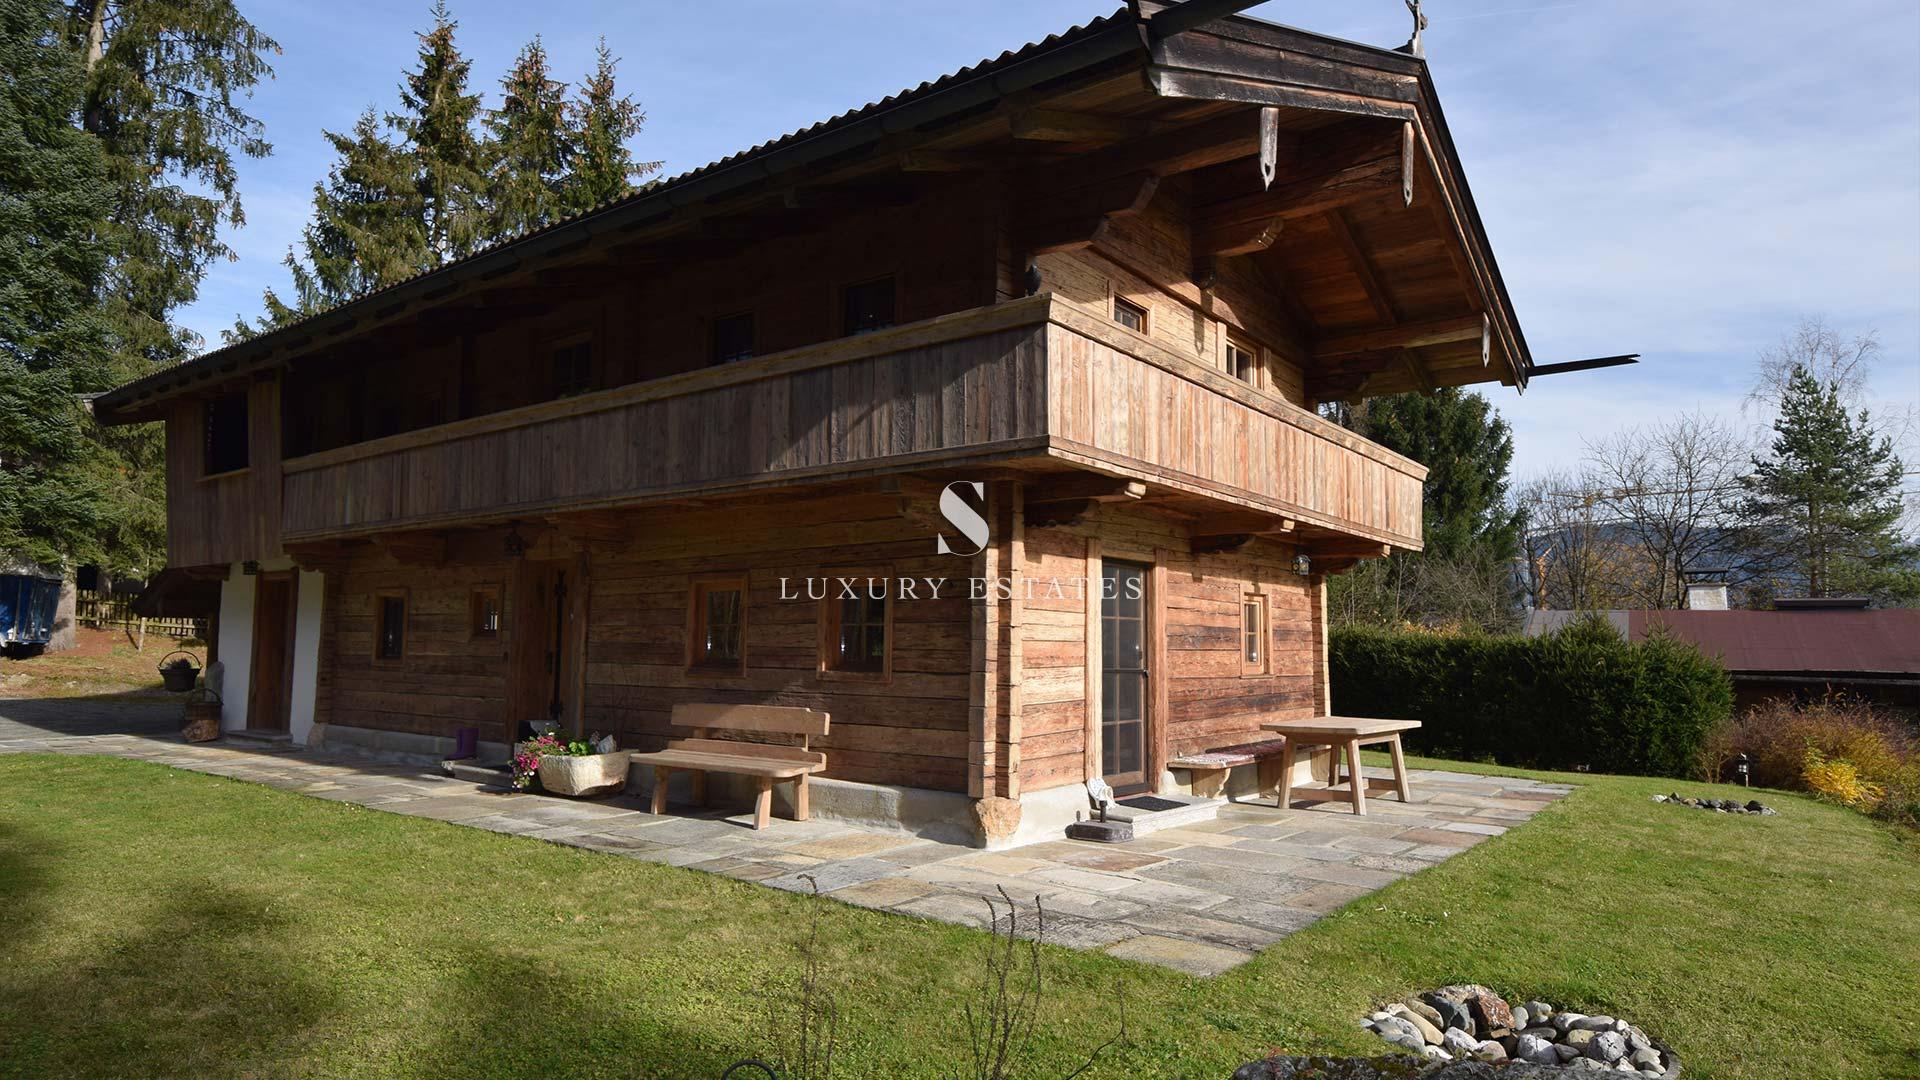 S - Luxury Estates - Bauernhaus Kitzbühel